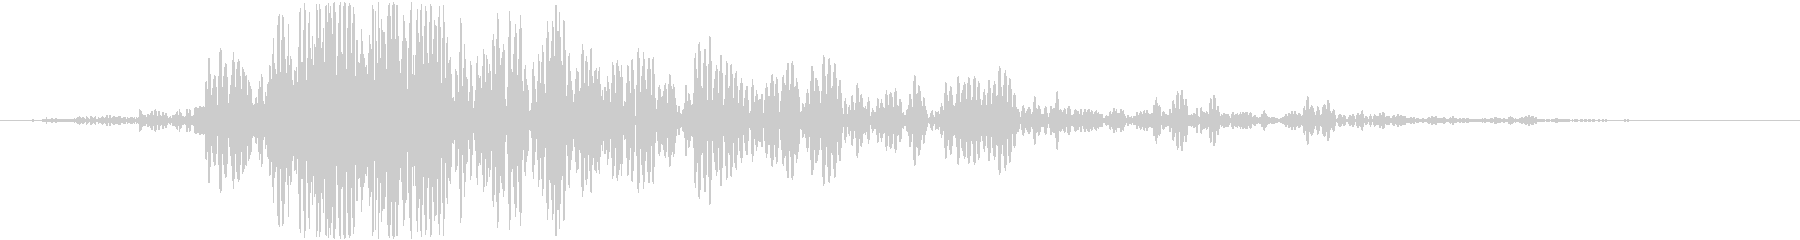 斬撃 ファイヤーイグナイトラージ01の未再生の波形